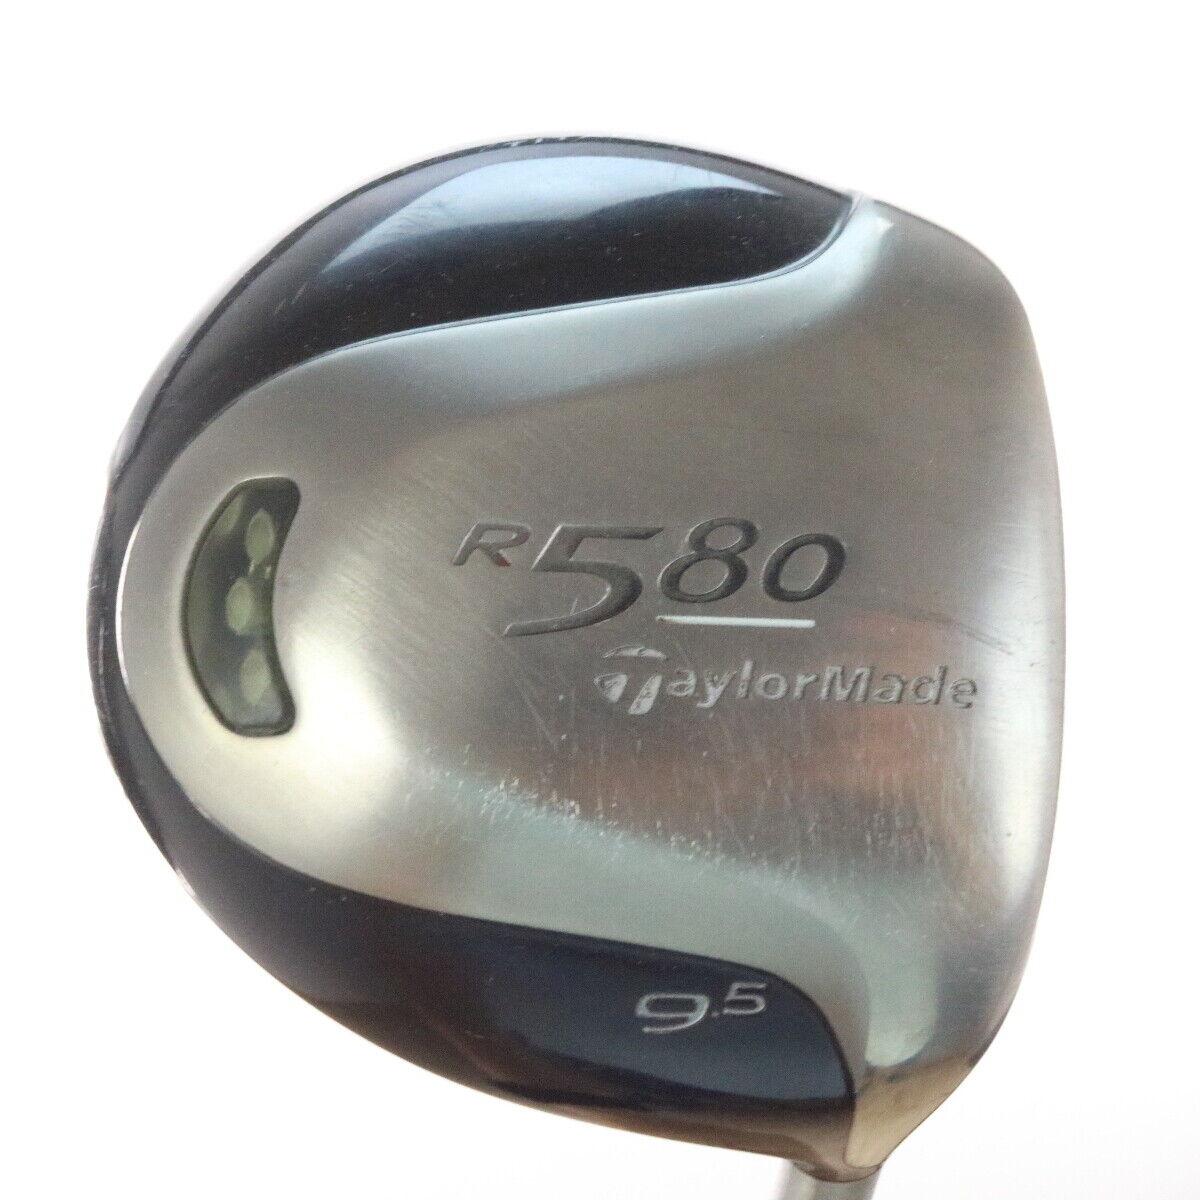 Taylormade R580 Driver 9.5 Grados Grafito Regular Flex 55401G